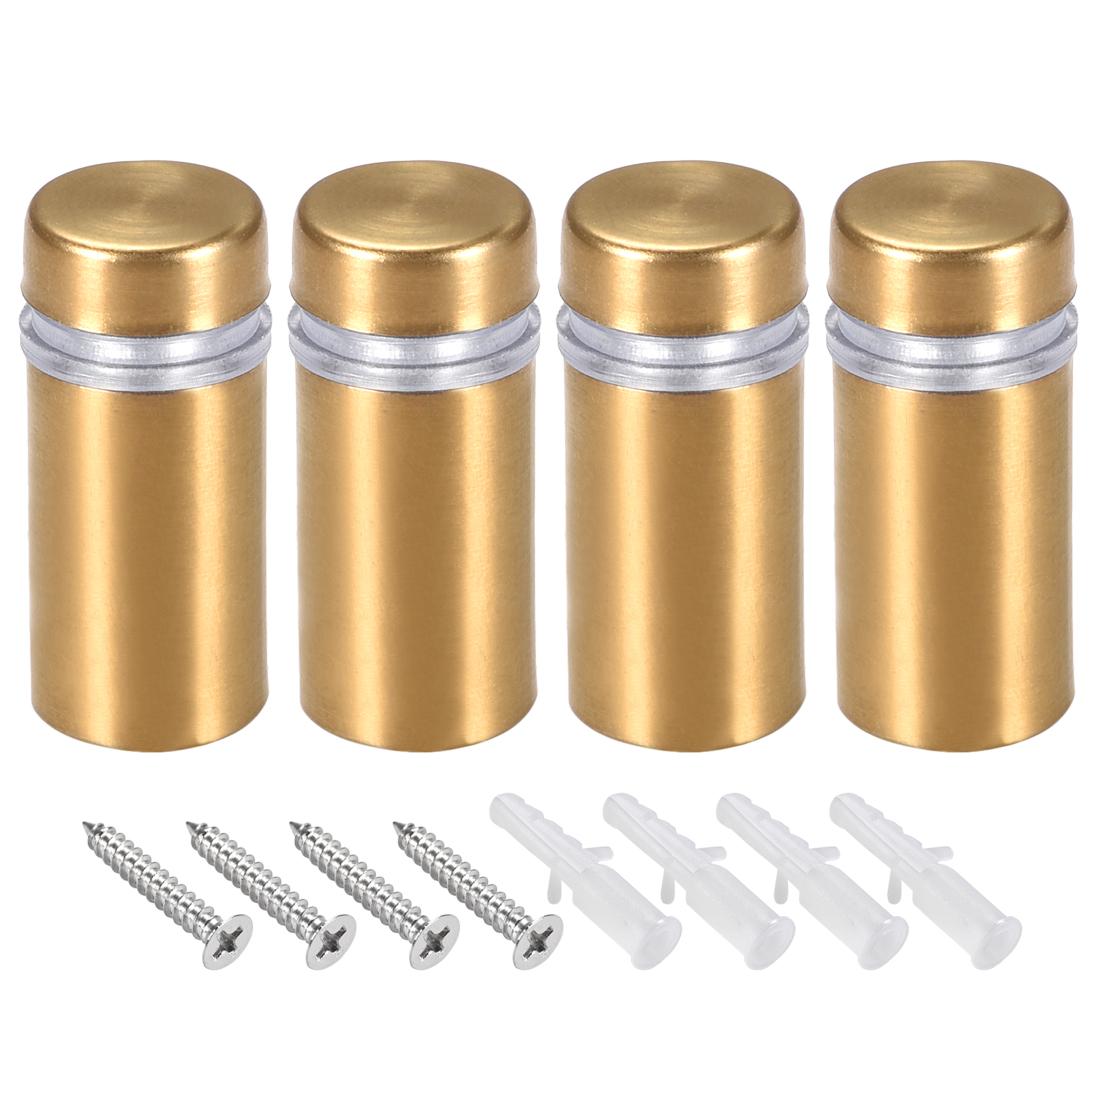 Glass Standoff Mount Wall Standoff Nails 12mm Dia 28mm Length Golden 4 Pcs